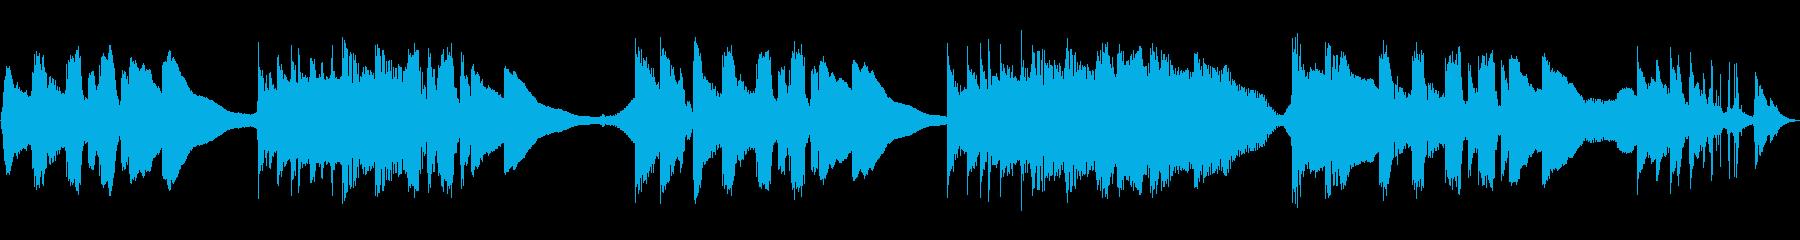 マイルドパーカッションミュージカル...の再生済みの波形